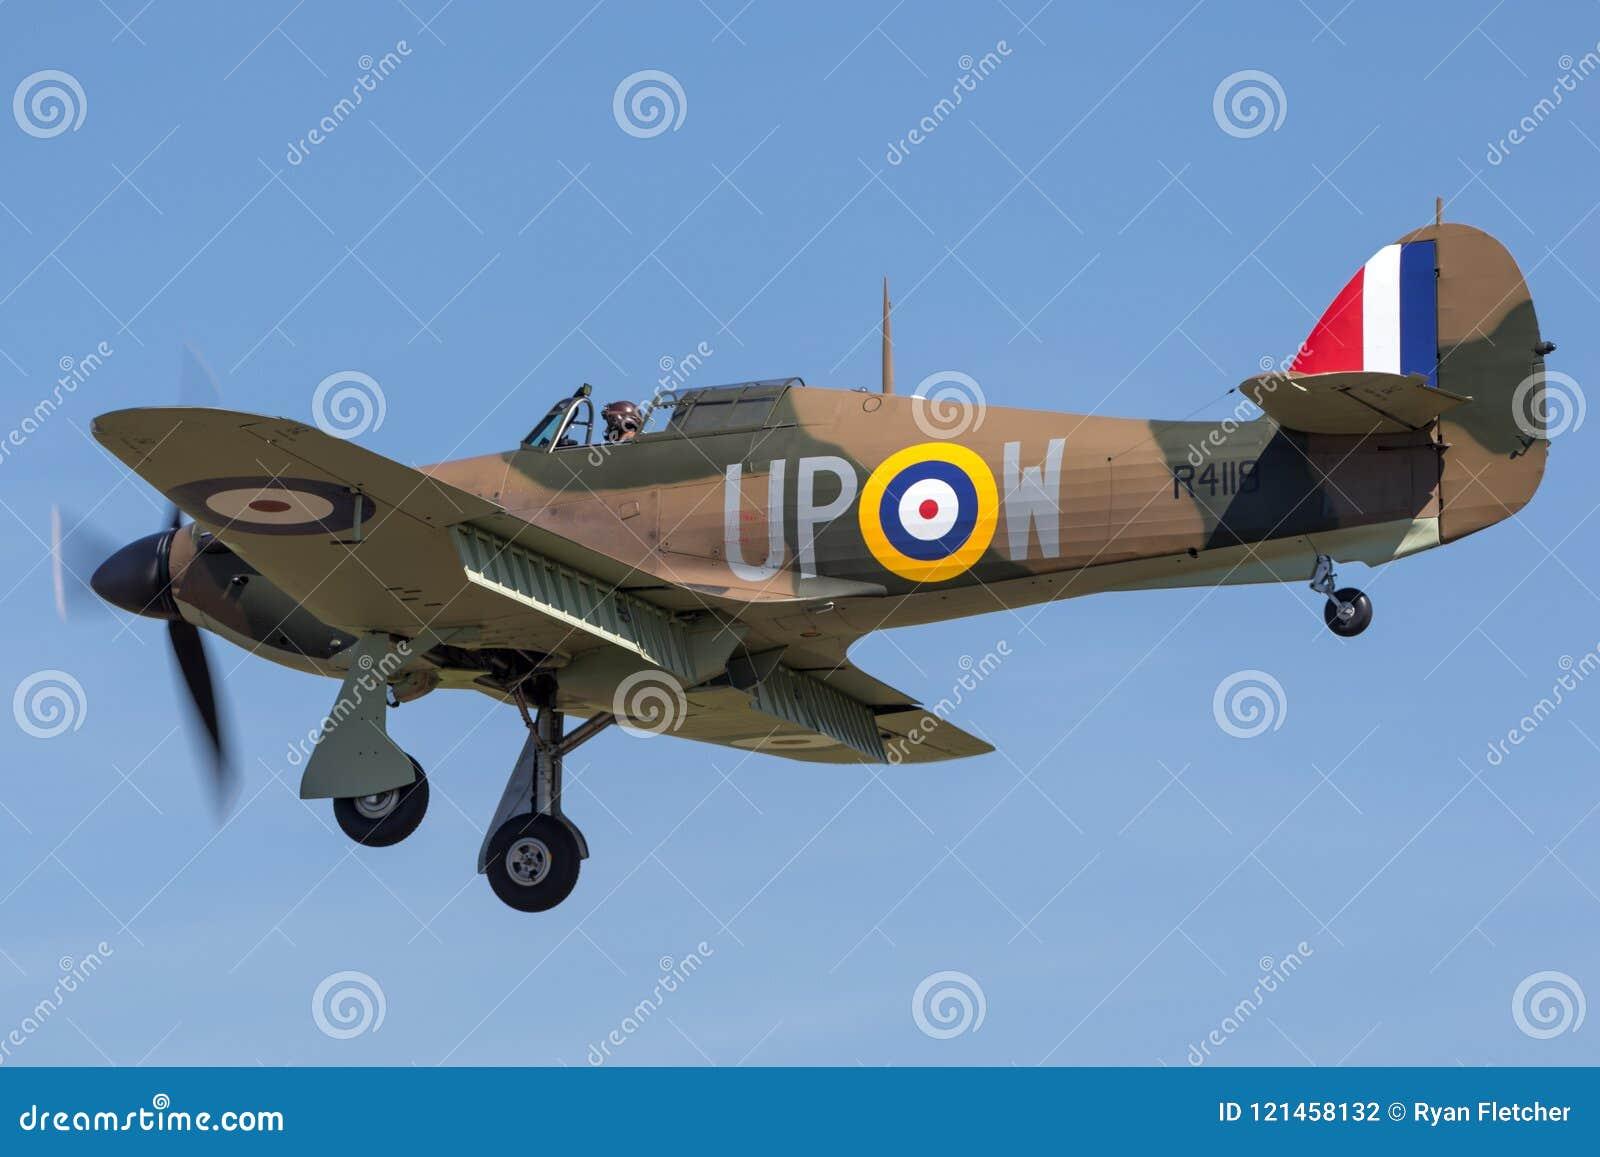 1940 domokrążca Huragan Mk 1 R4118 G-HUPW A Royal Air Force RAF poprzedni samolot i bitwa Brytania ocalały